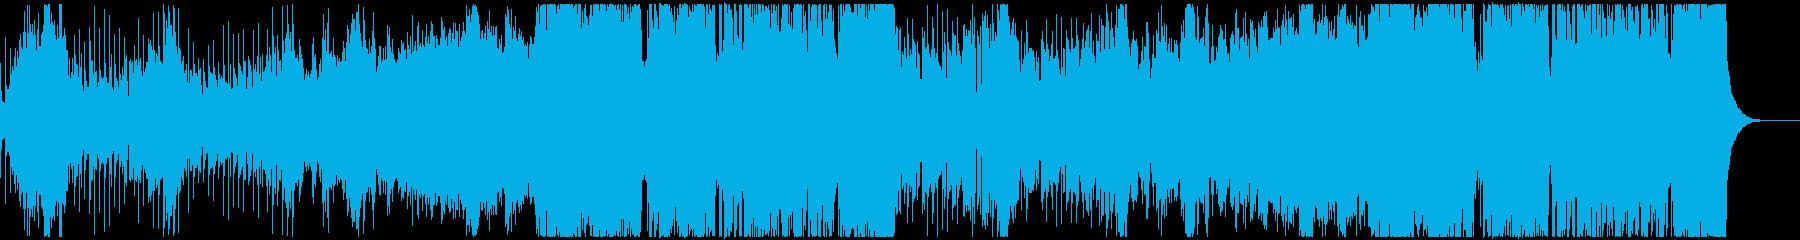 アコーディオンが印象的な日常系BGMの再生済みの波形